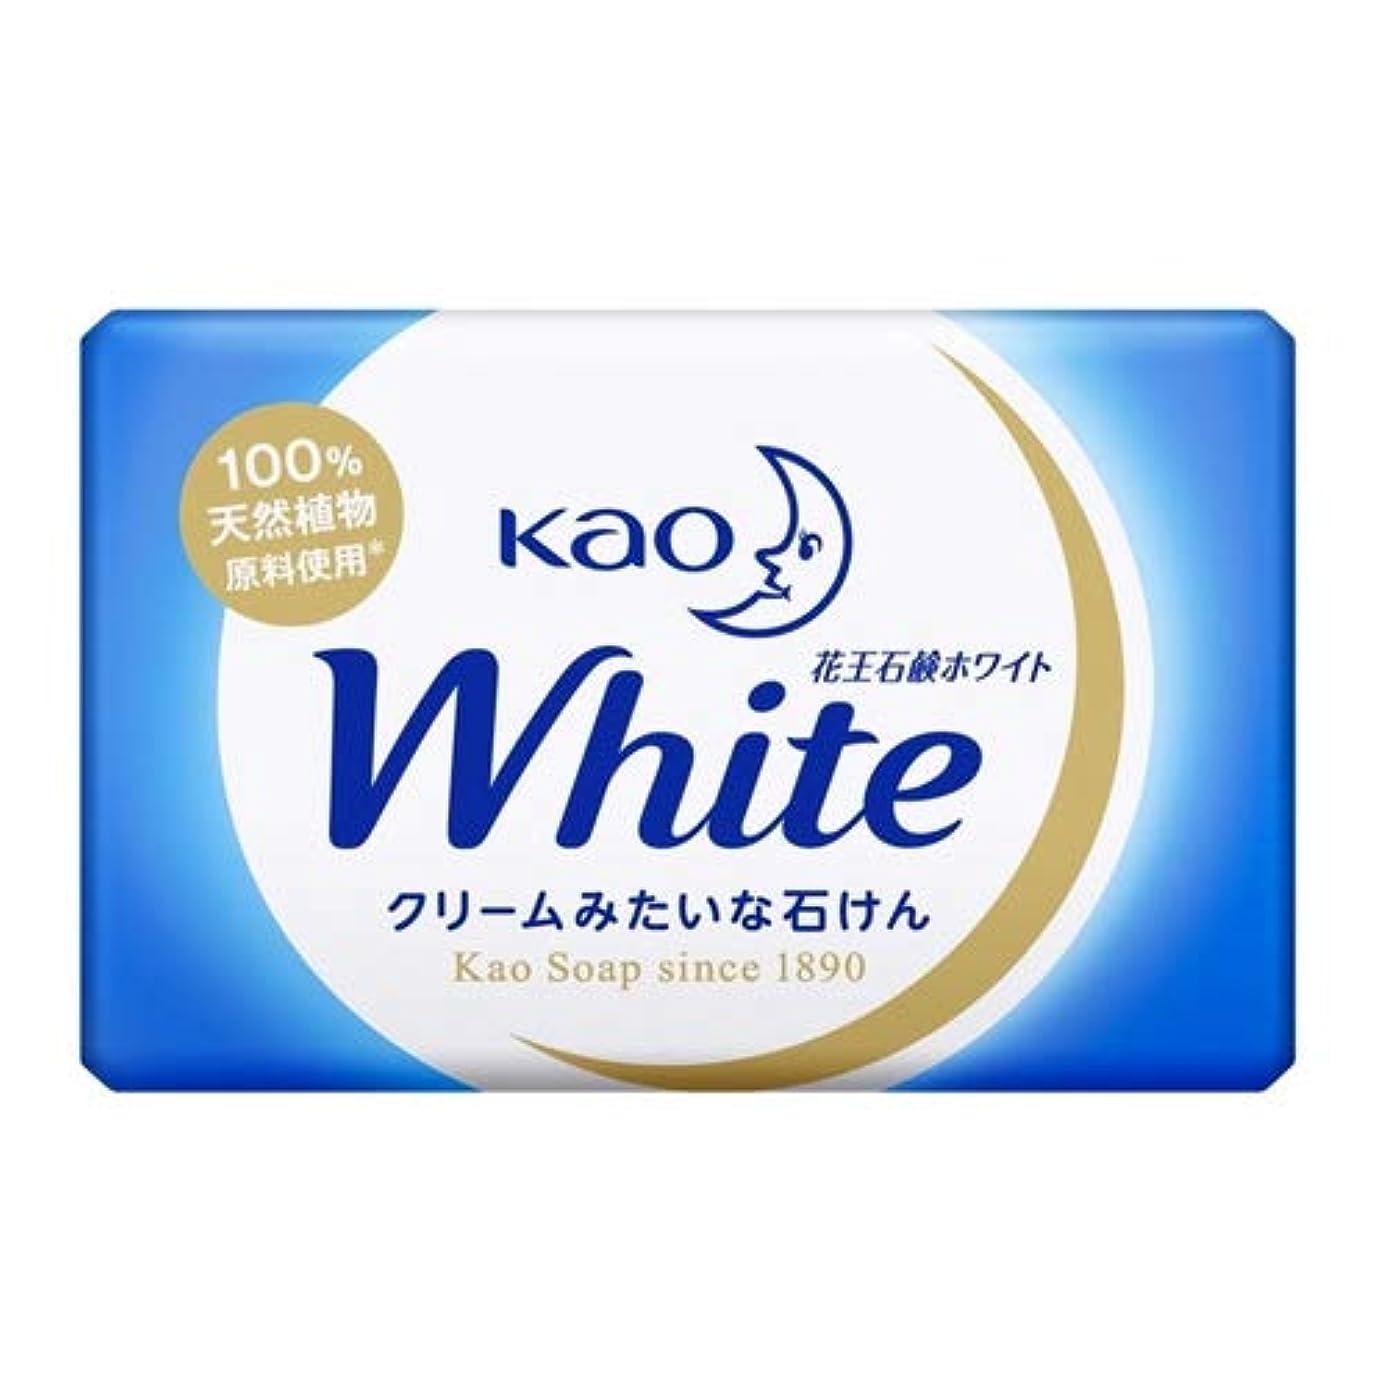 ネックレススキャン急流花王石鹸ホワイト 業務用ミニサイズ 15g × 10個セット